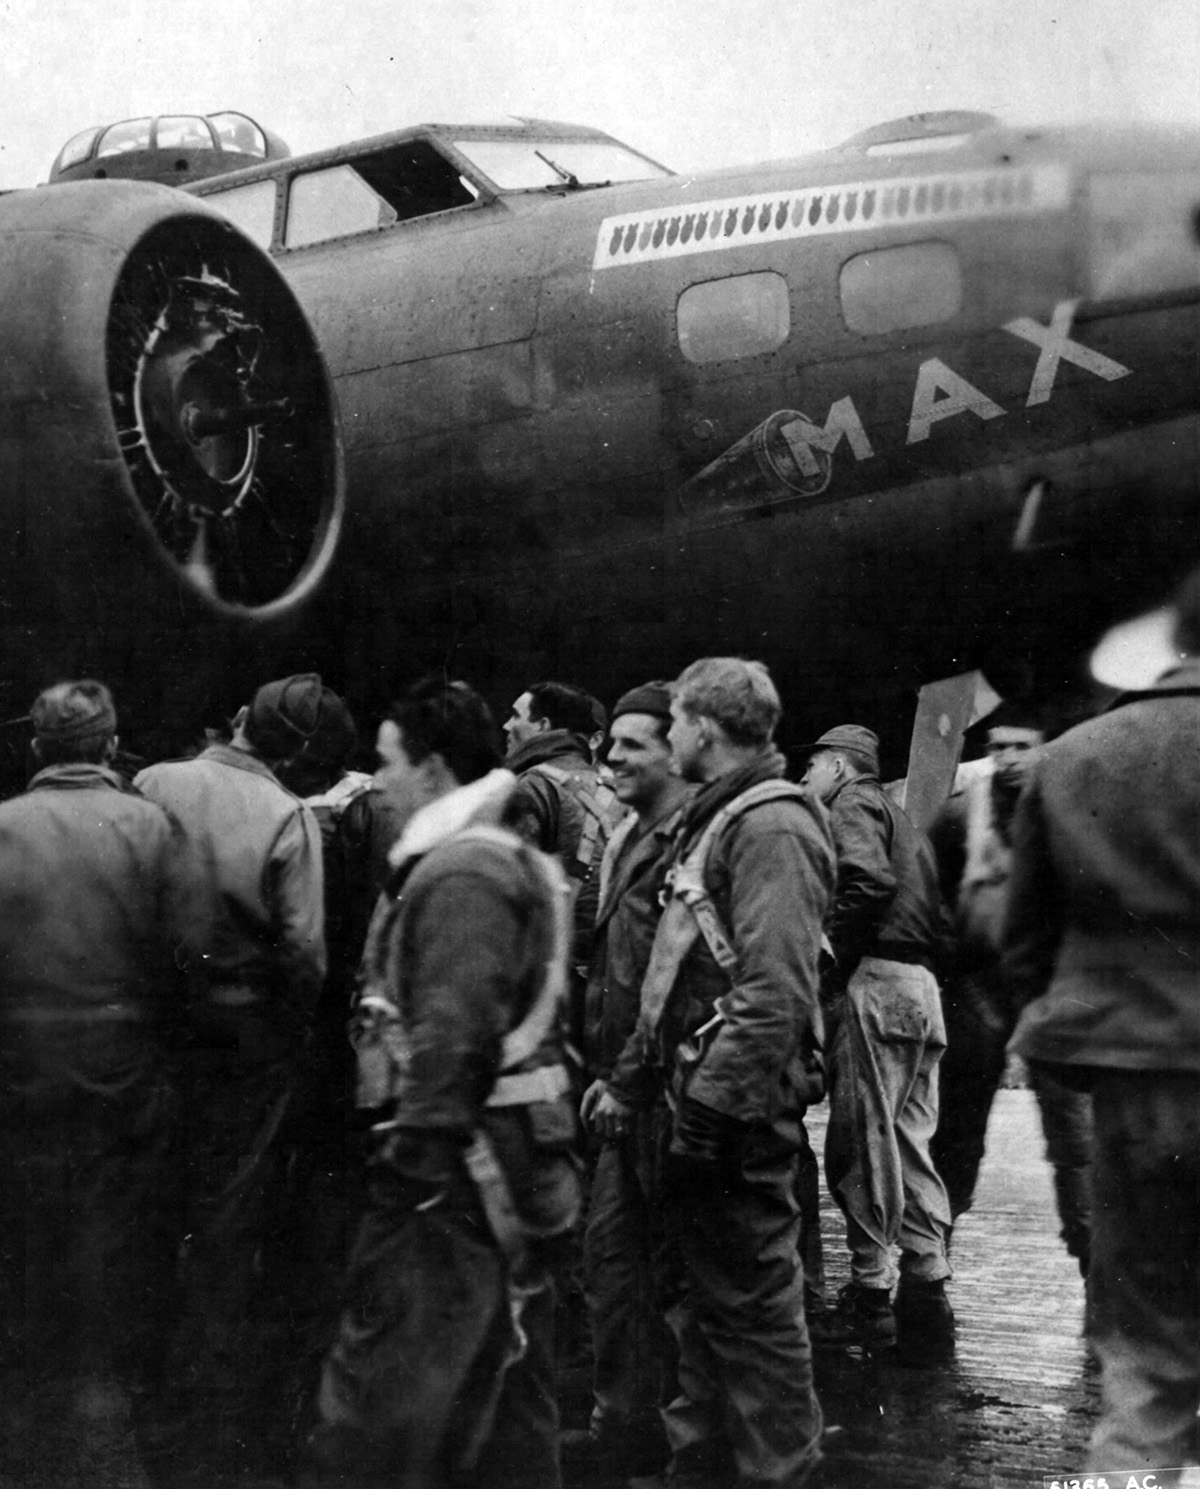 B-17 #42-3158 / Max